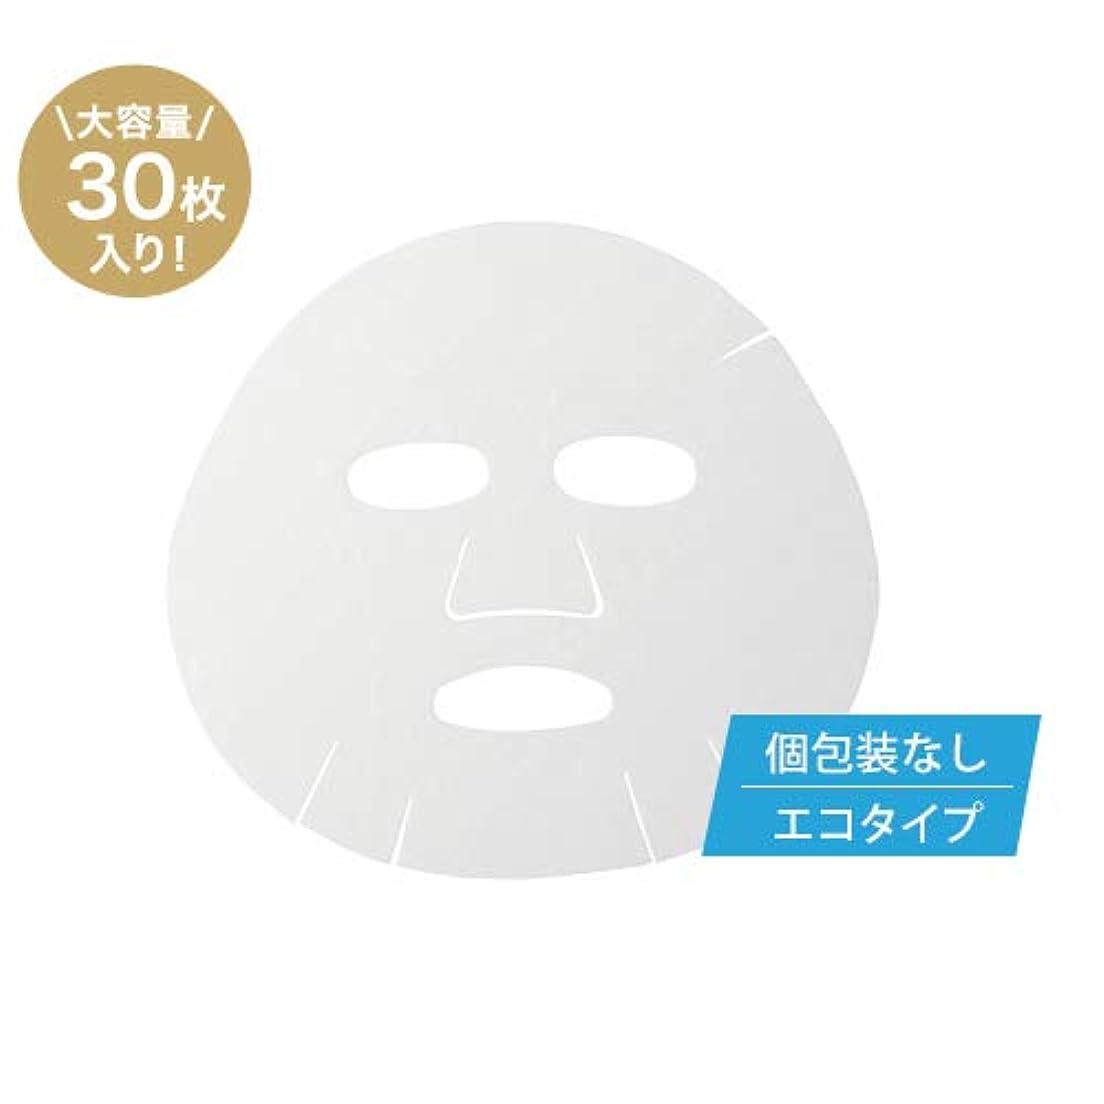 十分ですベット余分なMAMEW エッセンスシートマスク(個包装無し?大容量タイプ)-日本製の顔パック-毛穴を引き締める?保湿効果?くすみ?しわ対策におすすめ?お肌しっとり-EGF配合-お得な30枚セット